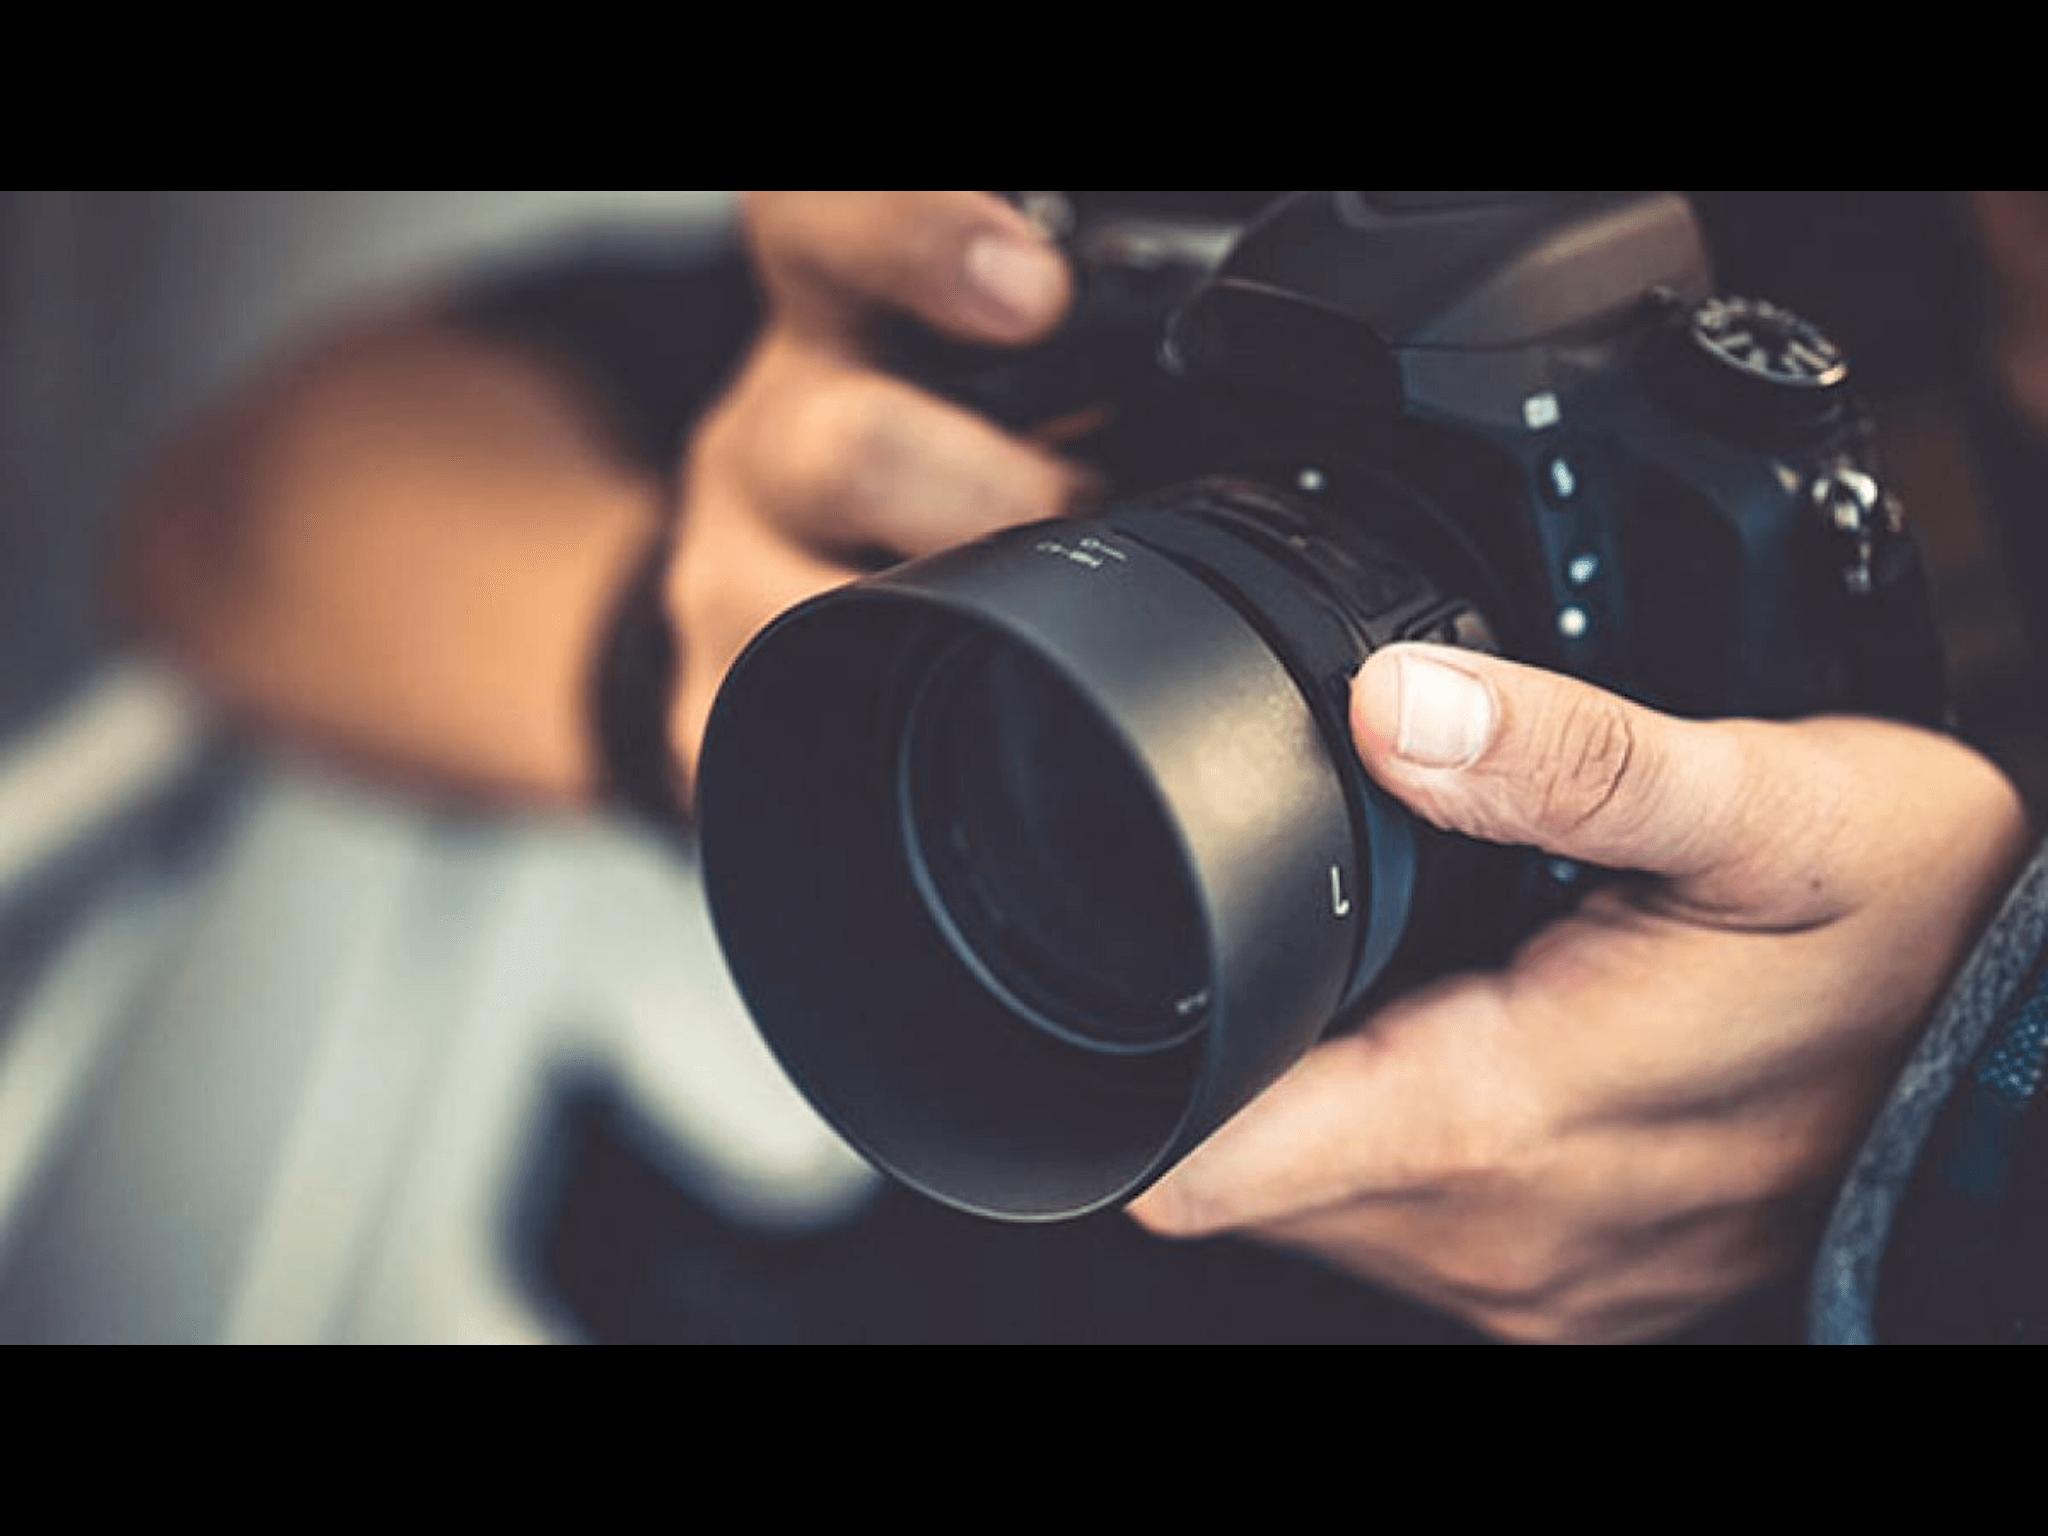 Fotoperiodismo, producción estética que informa y denuncia